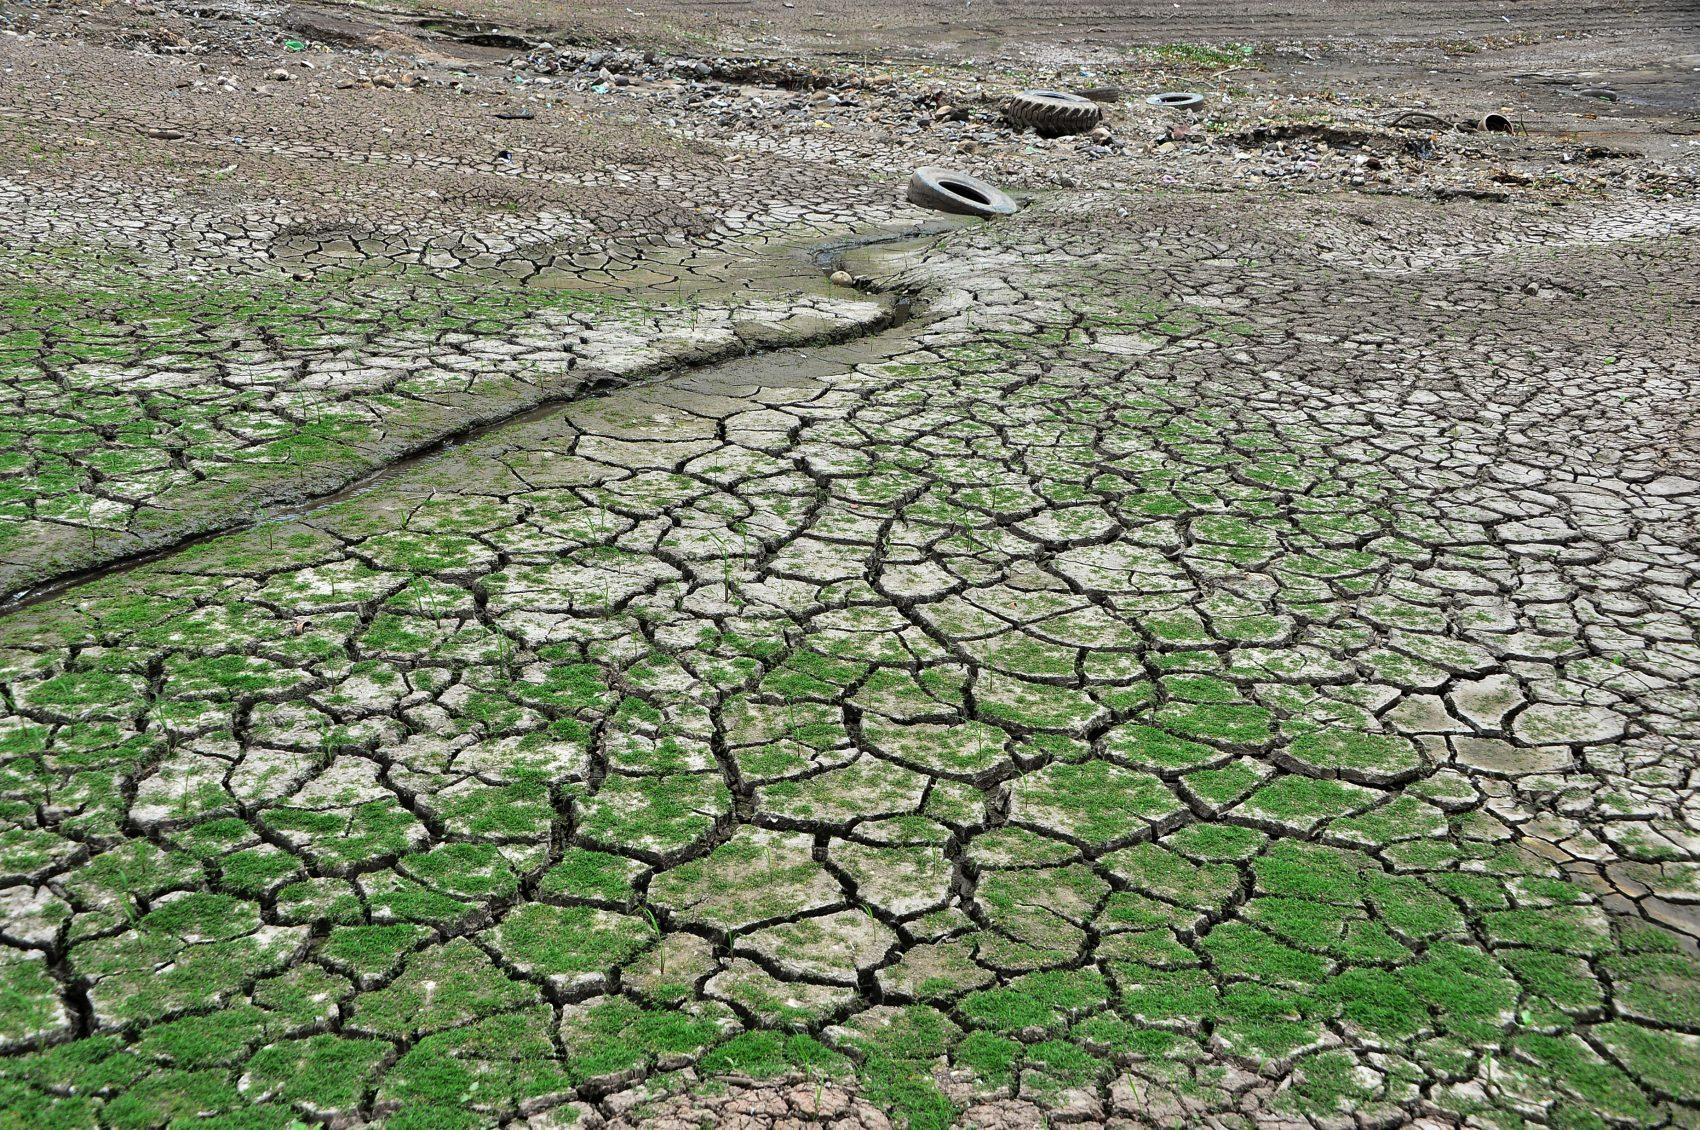 Reservatório de Los Laureles que abastece metade dos 1,2 milhão de moradores da capital de Honduras, Tegucigalpa, afetado pela seca: água a cada quatro dias (Foto Orlando Sierra/AFP)